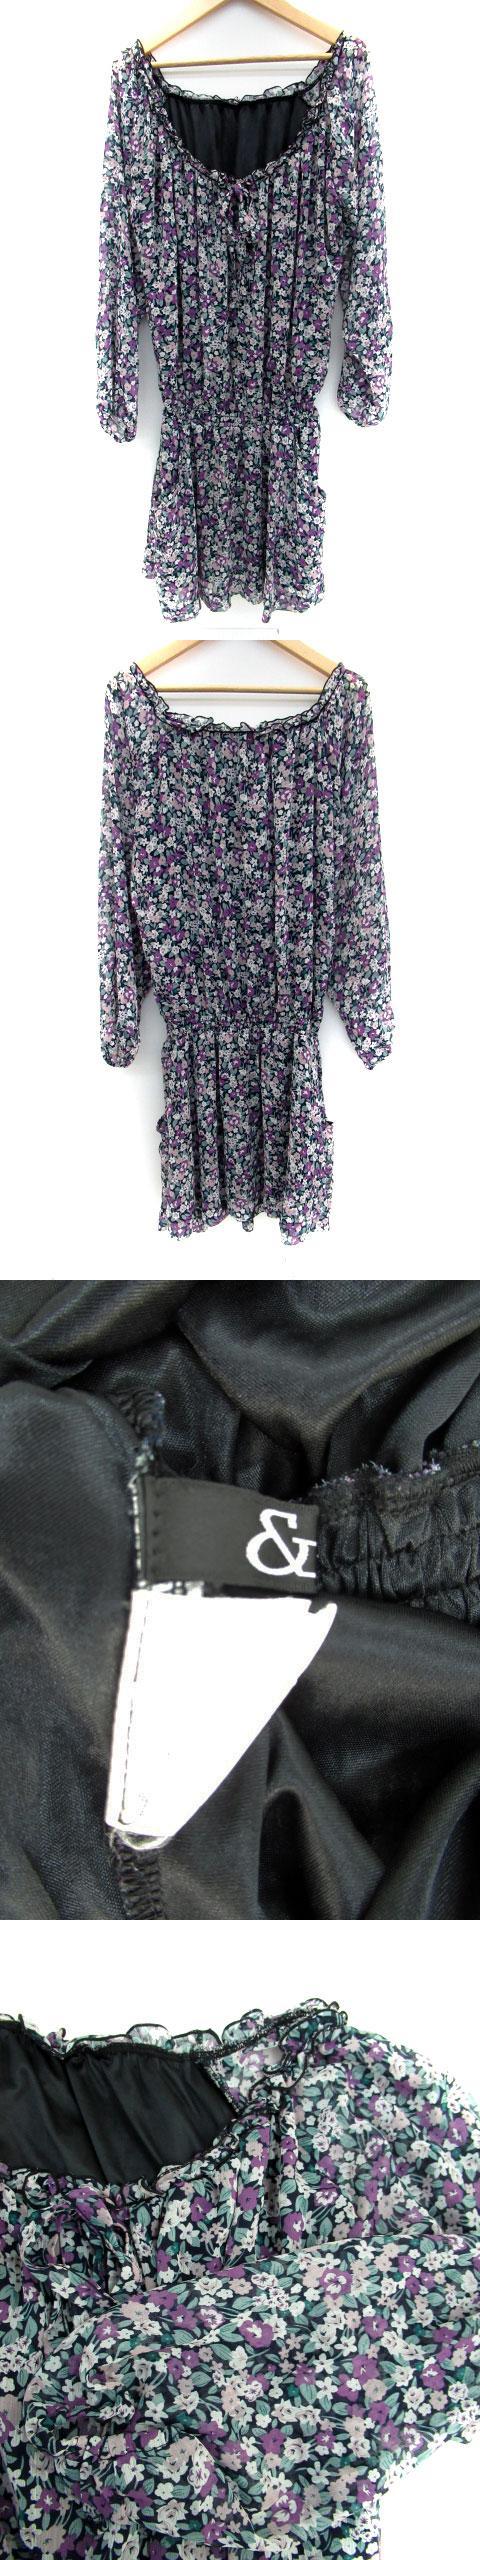 ワンピース ラウンドネック 長袖 ひざ丈 花柄 透け感 38 紫 パープル /AH38